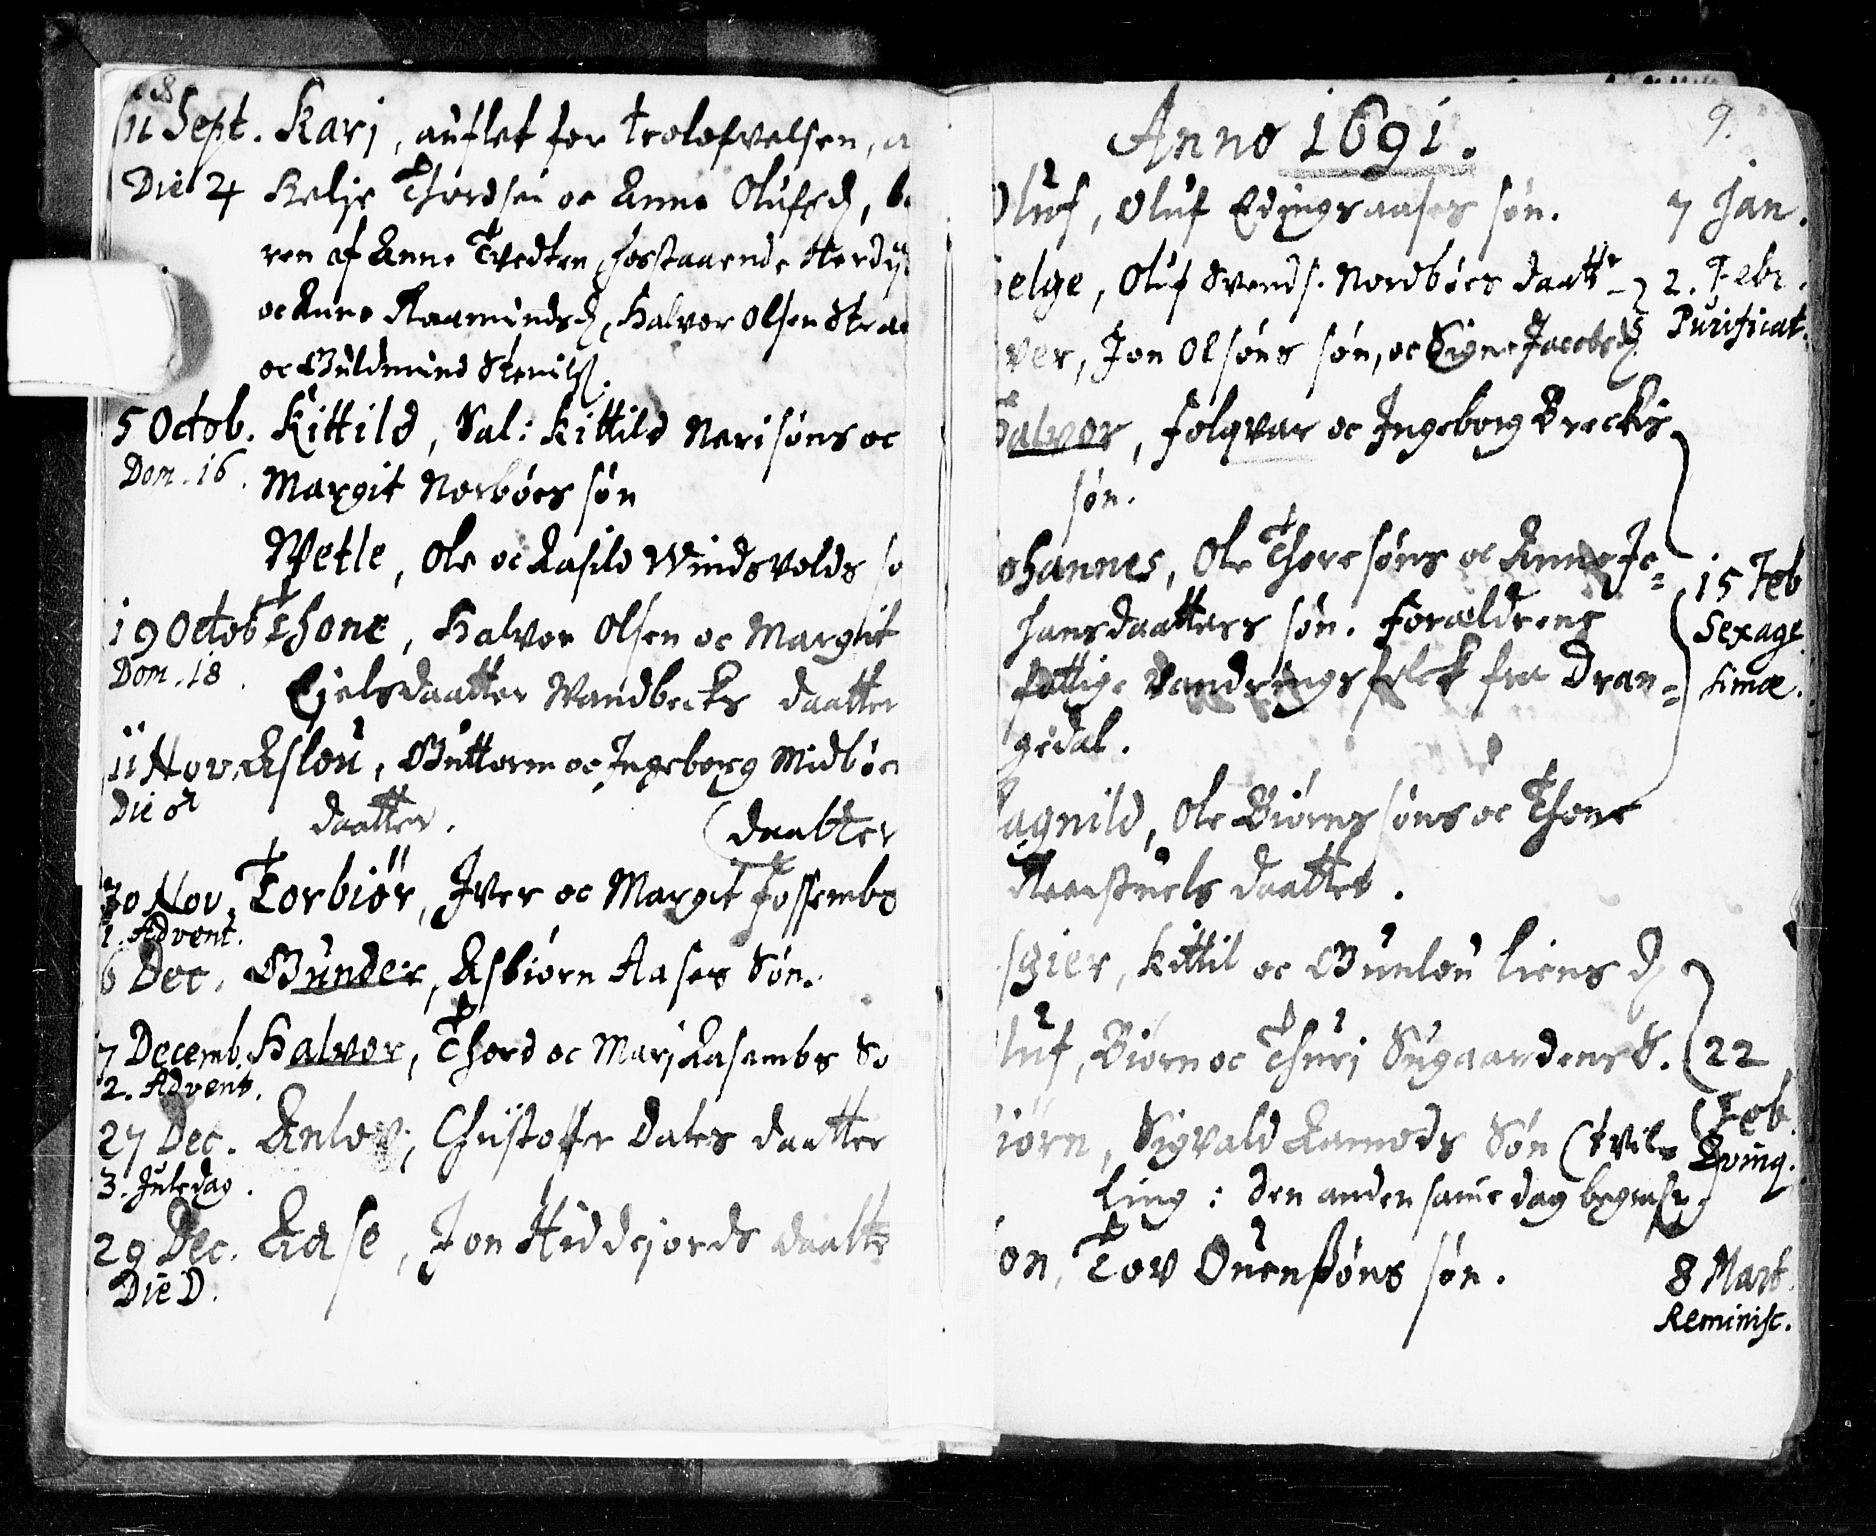 SAKO, Seljord kirkebøker, F/Fa/L0002: Ministerialbok nr. I 2, 1689-1713, s. 8-9